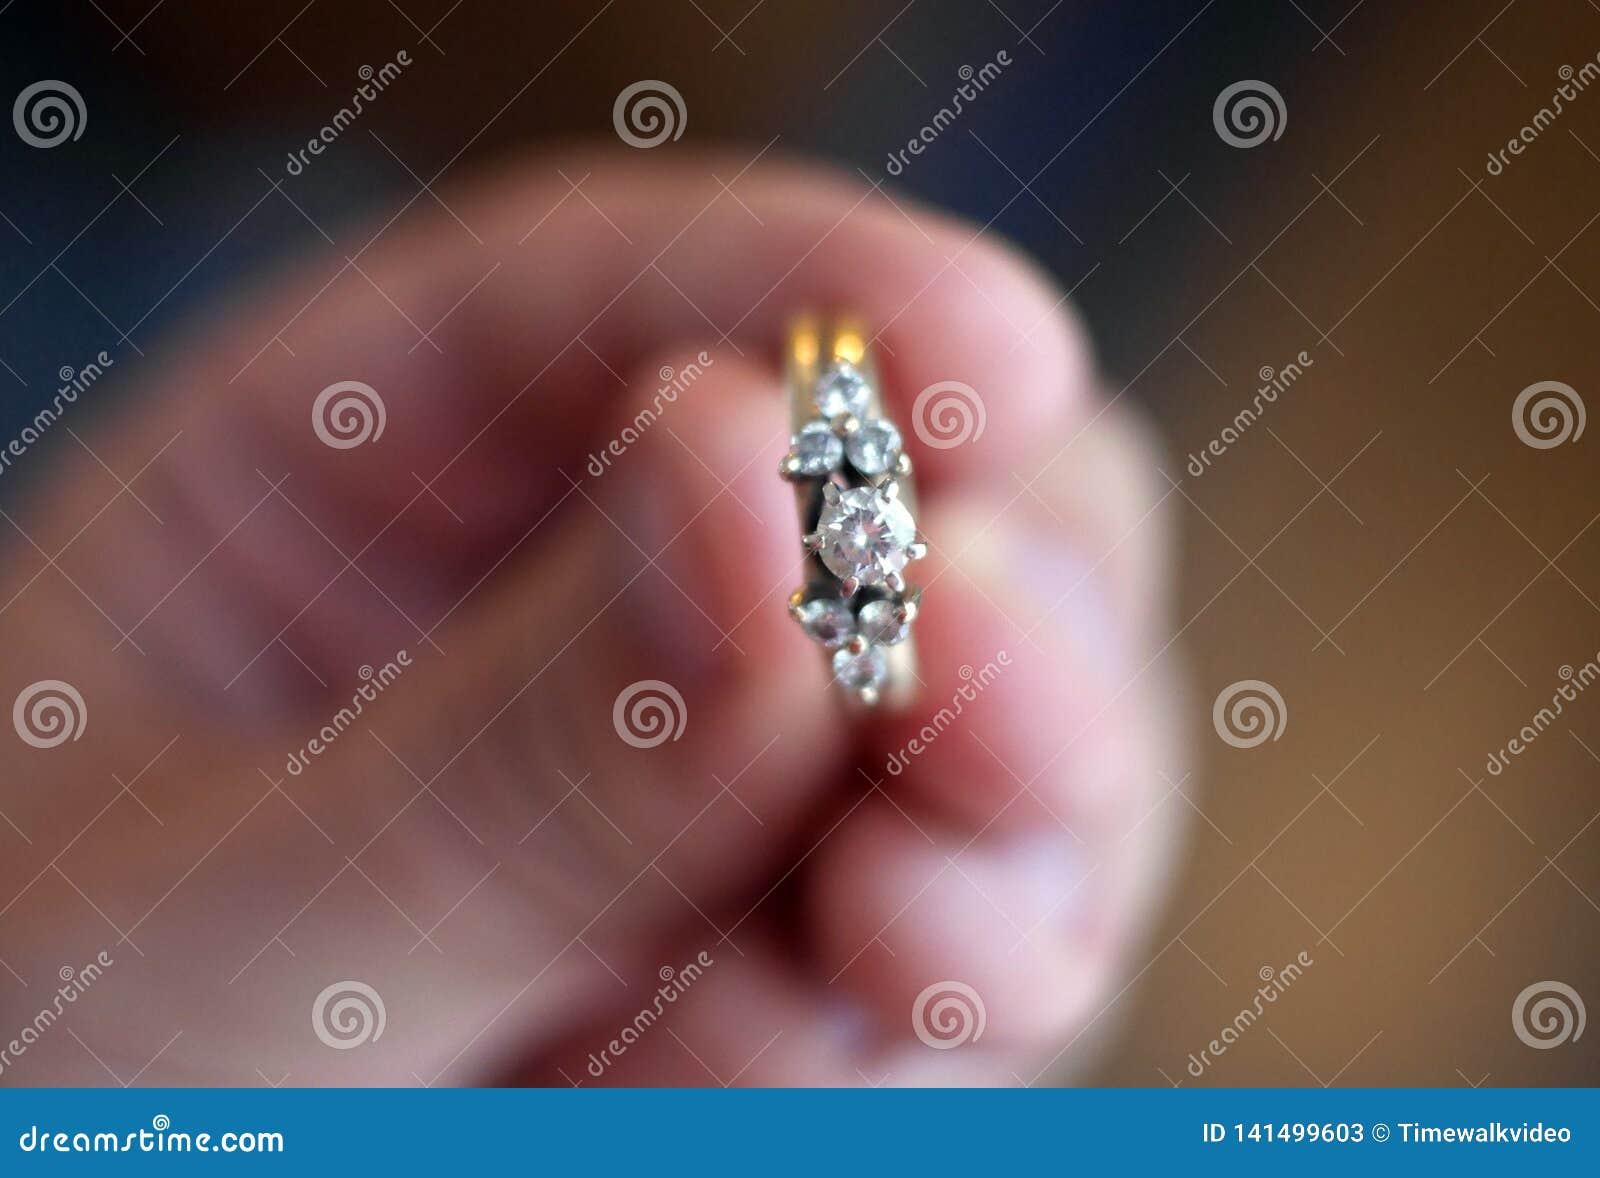 Singular Diamond Ring on Gold Band